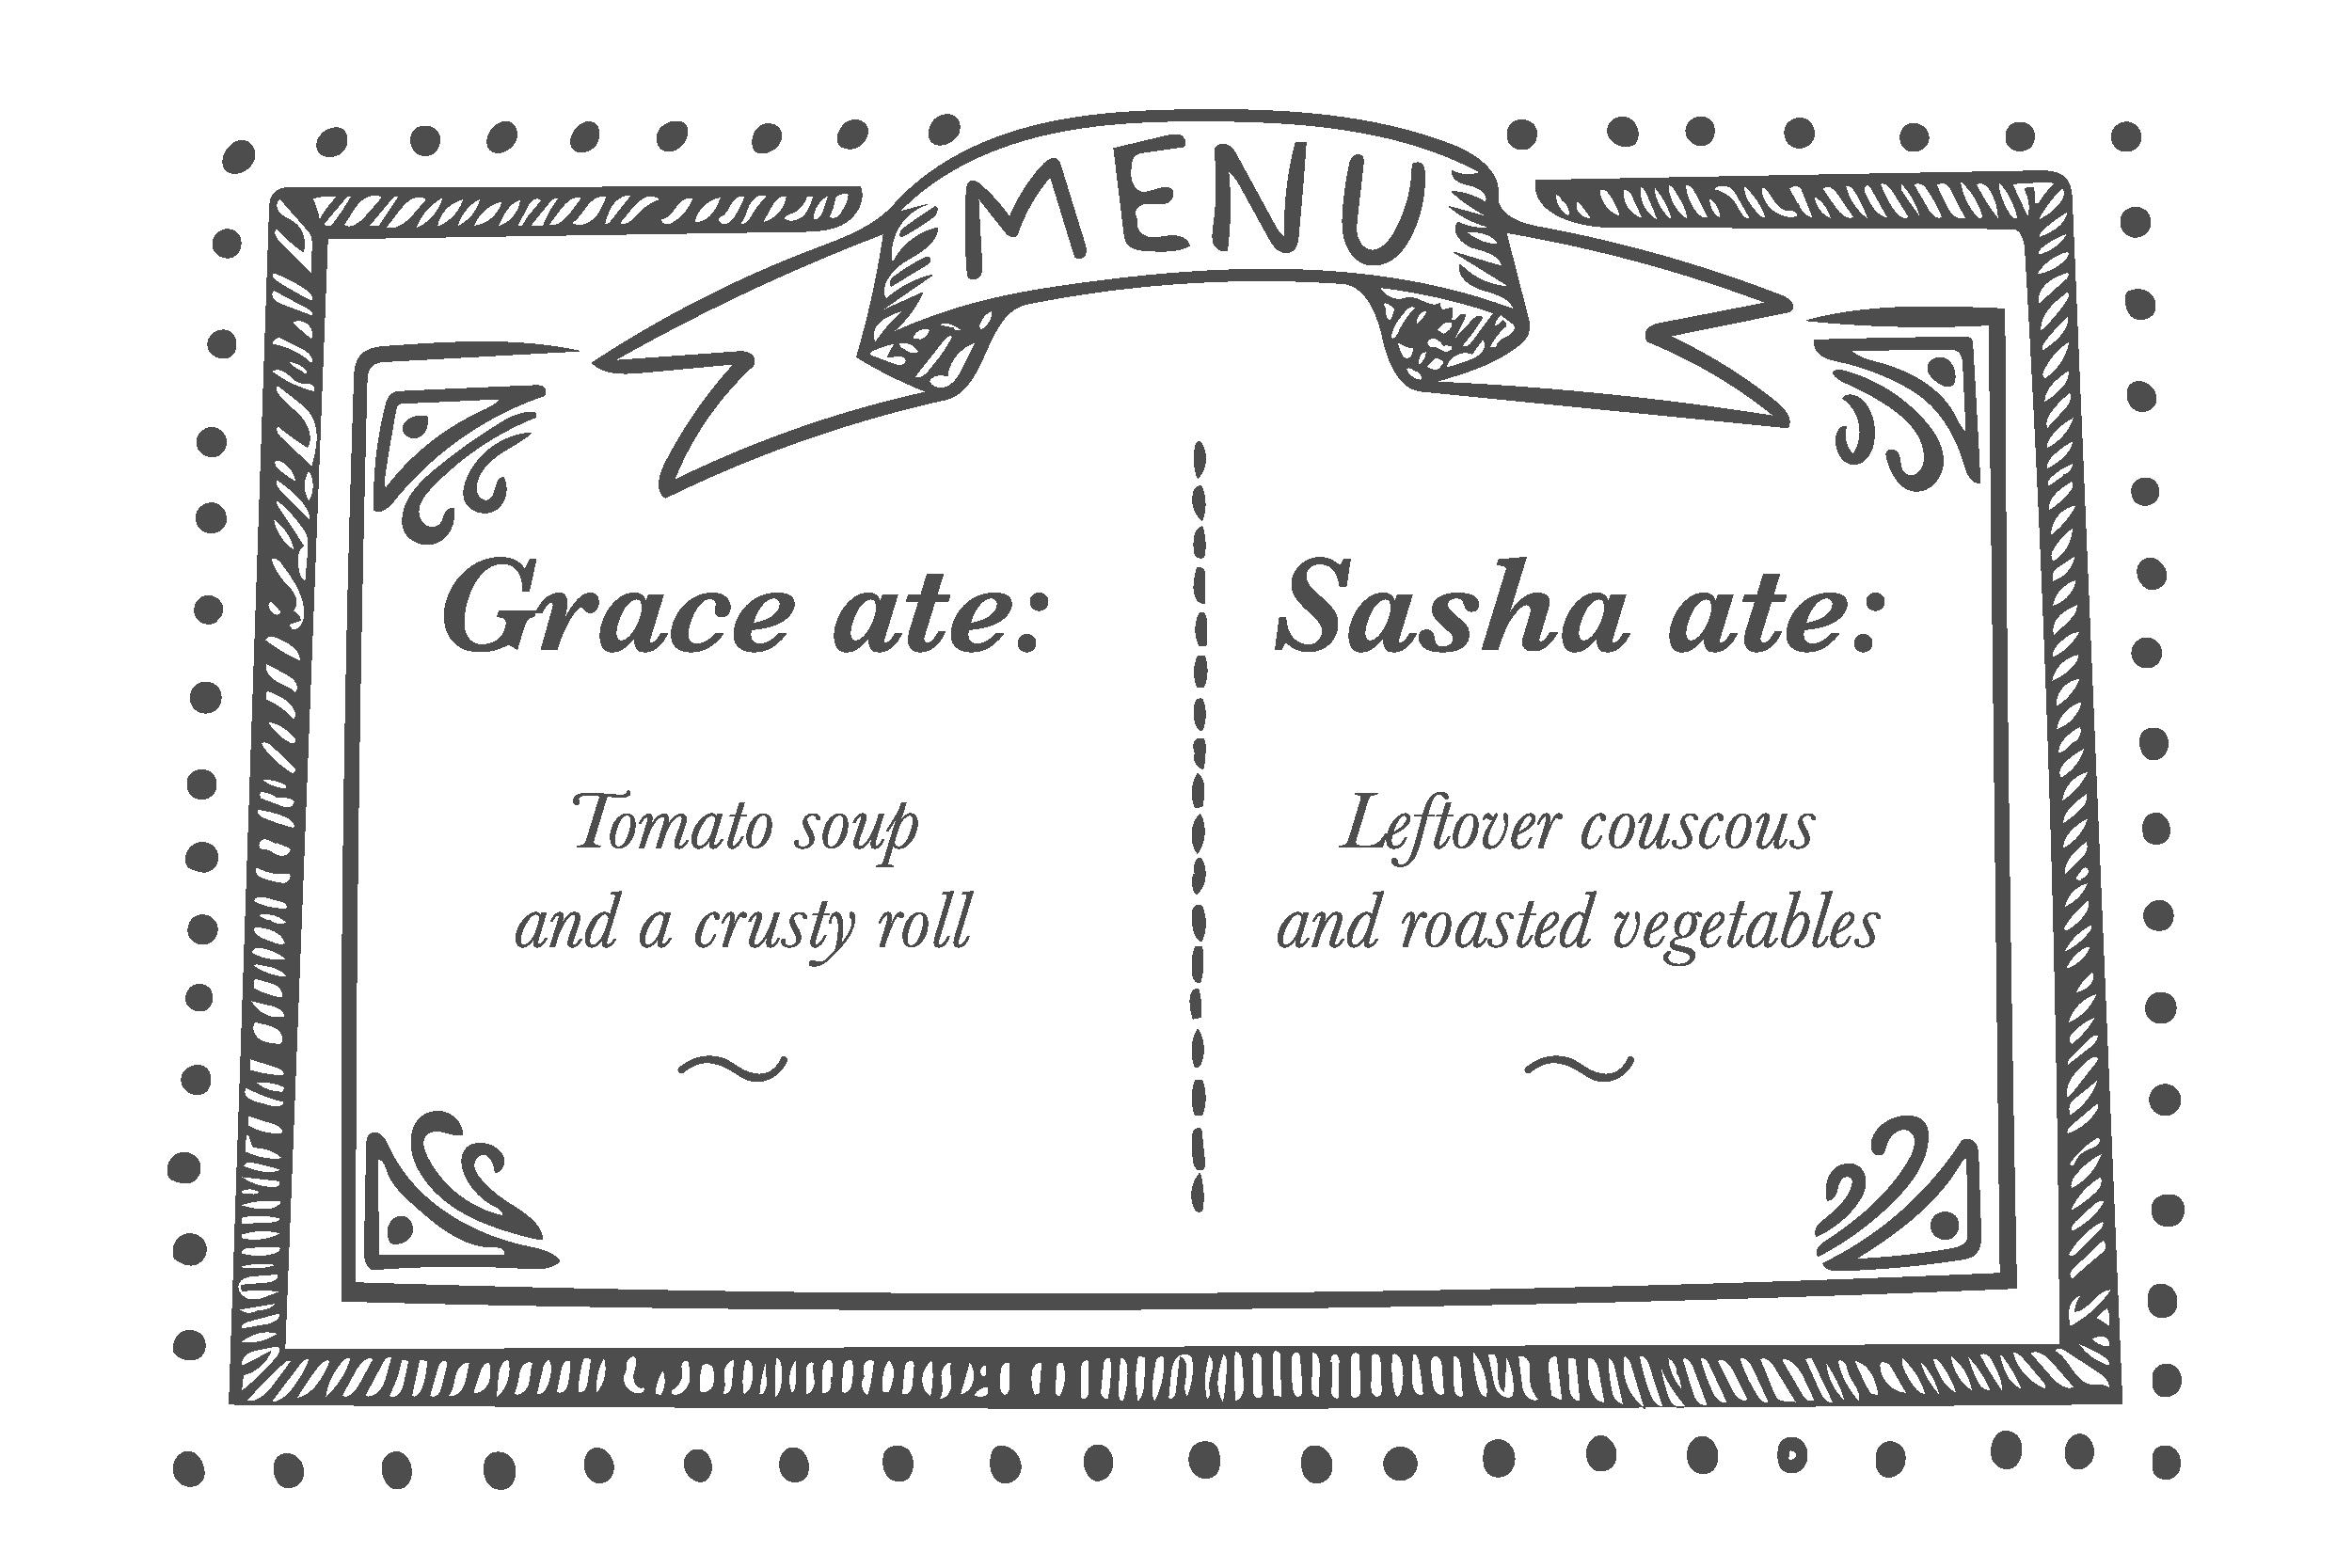 Ladies who lunch menu